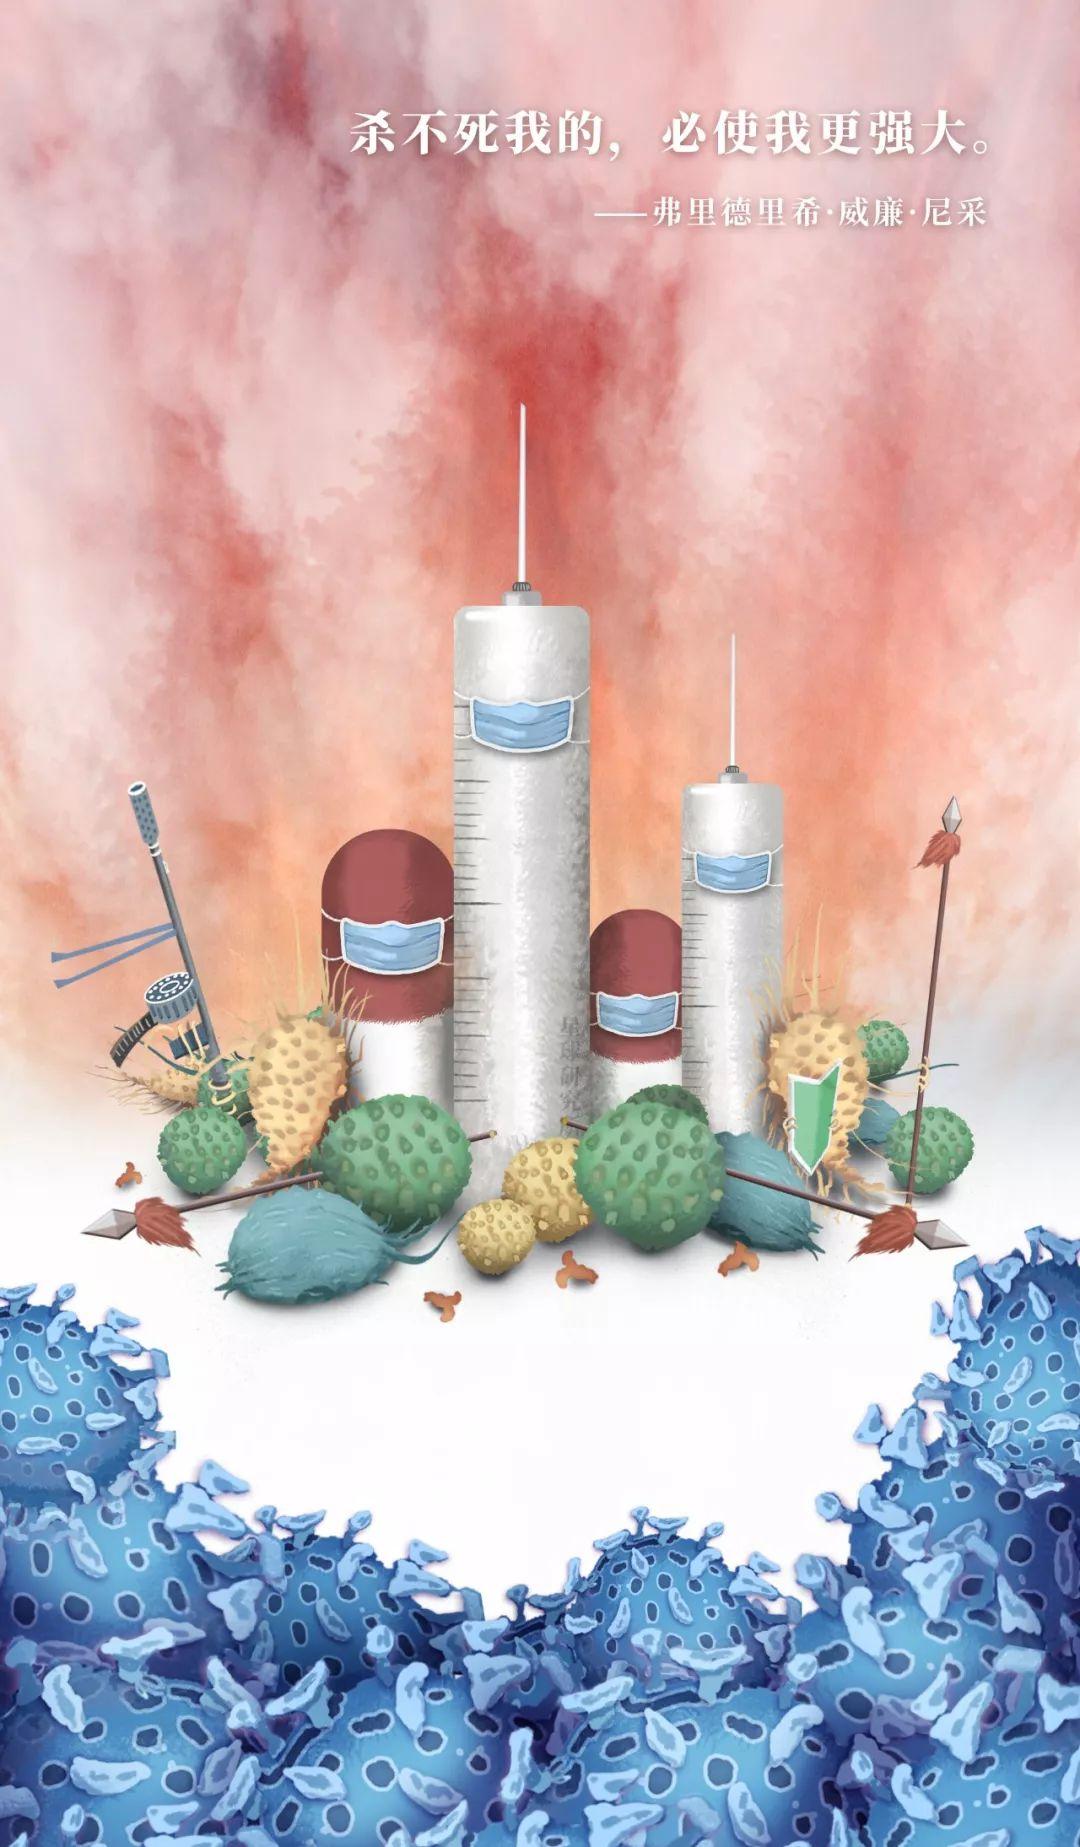 感染病毒后的168小时,你的体内都发生了什么?插图46